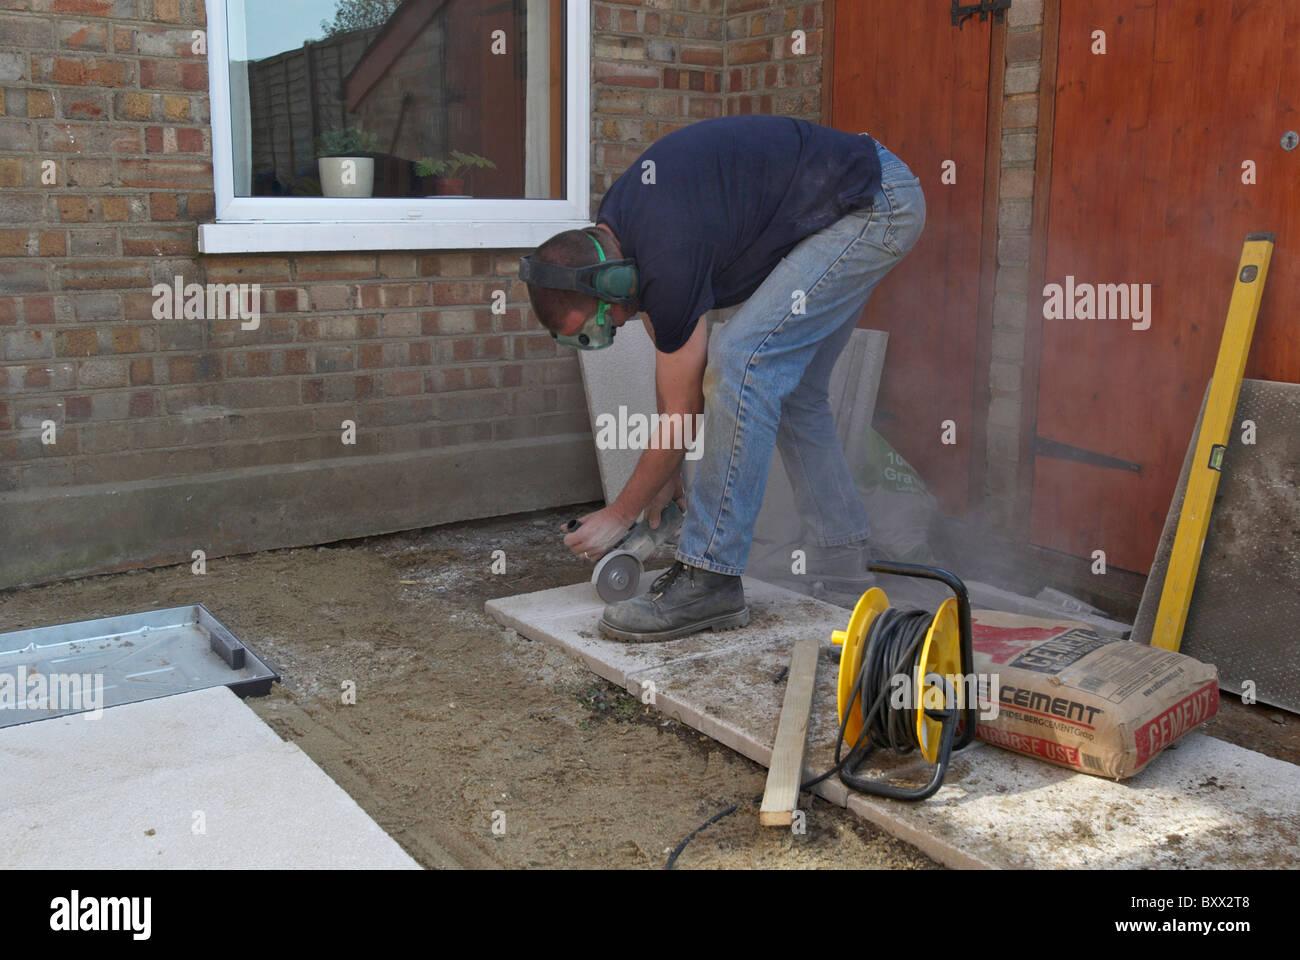 mann schneiden pflastersteine mit cutter stockfoto, bild: 33764424